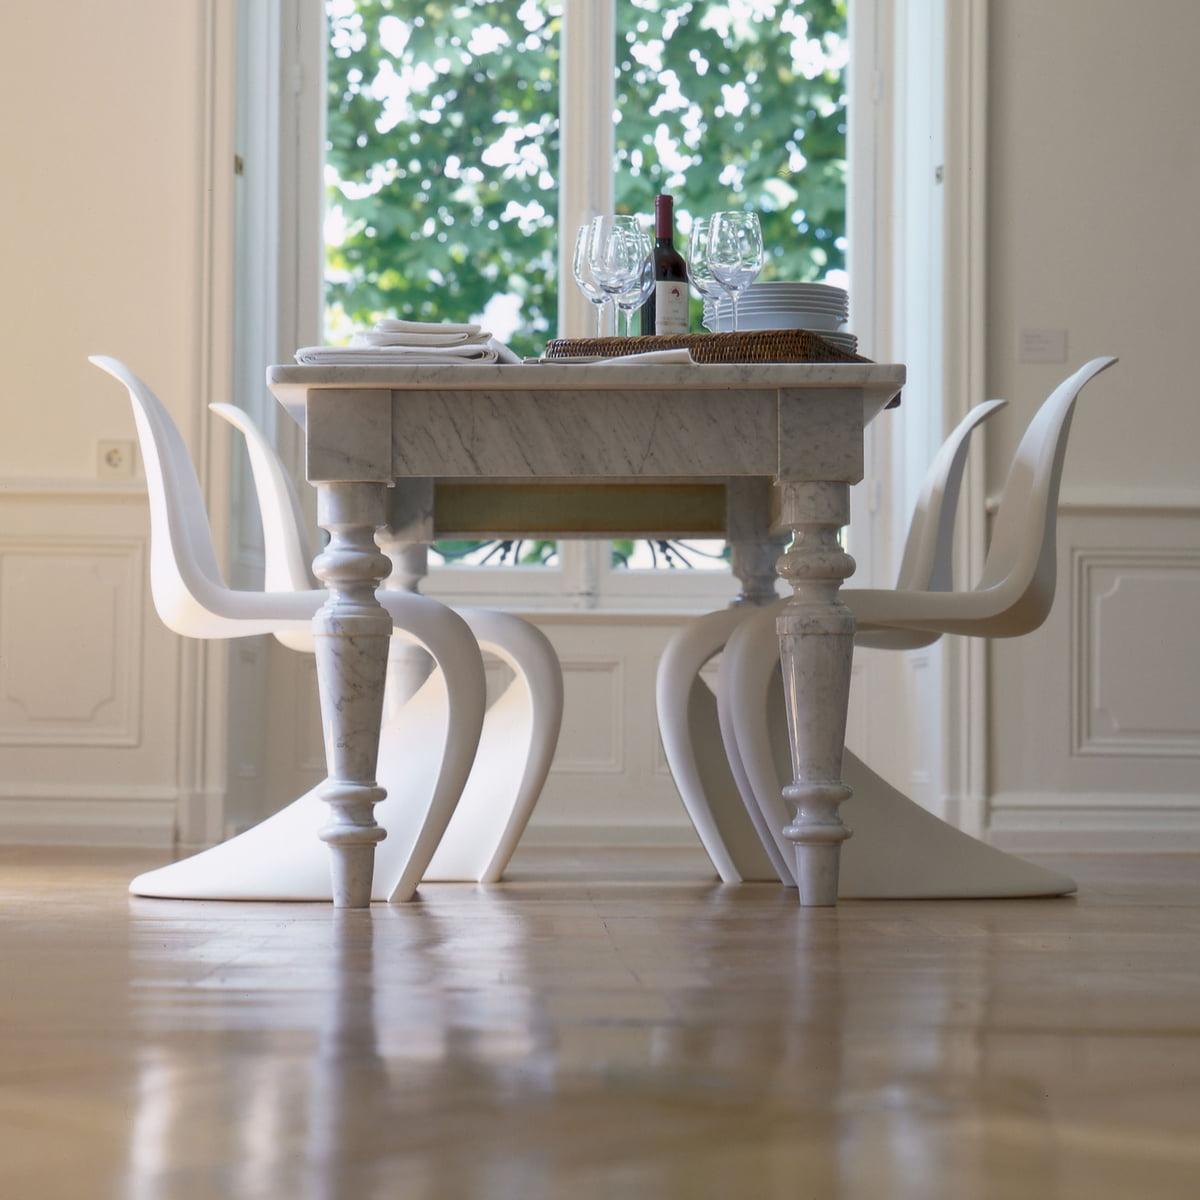 Panton chair situation3